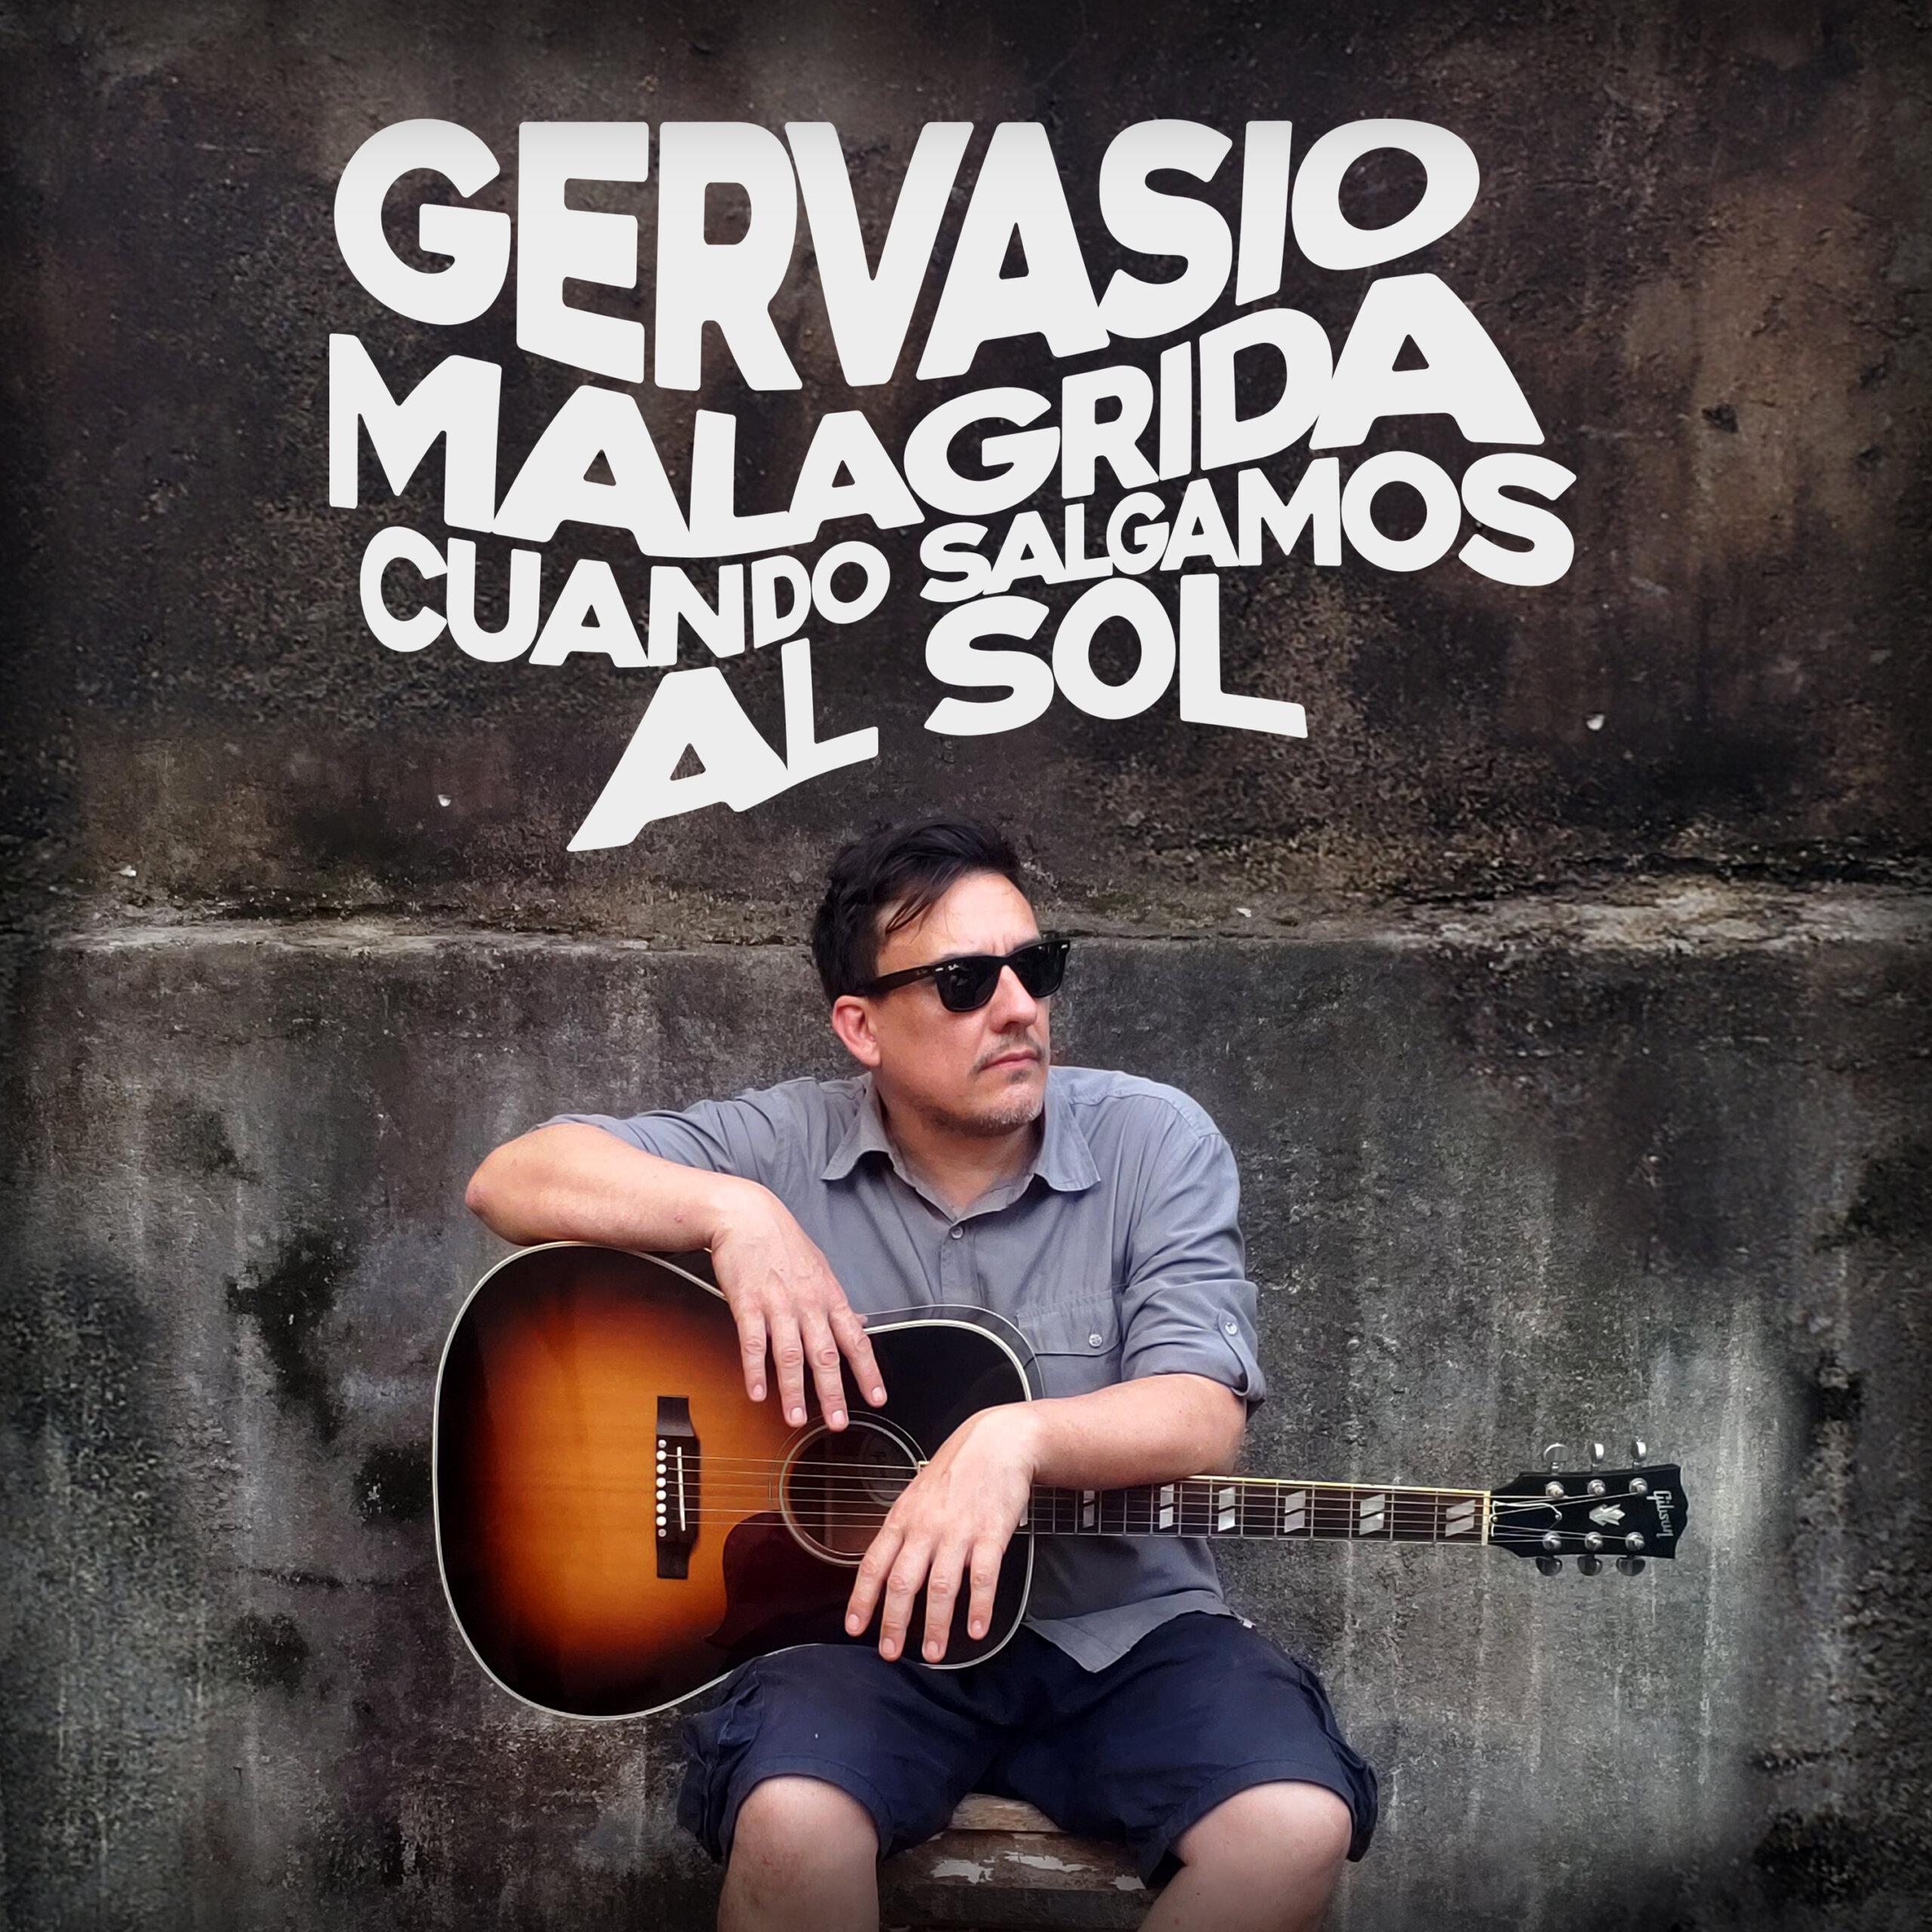 Gervasio Malagrida presenta «Cuando Salgamos al Sol» a través del nuevo sello discográfico Verde Limón